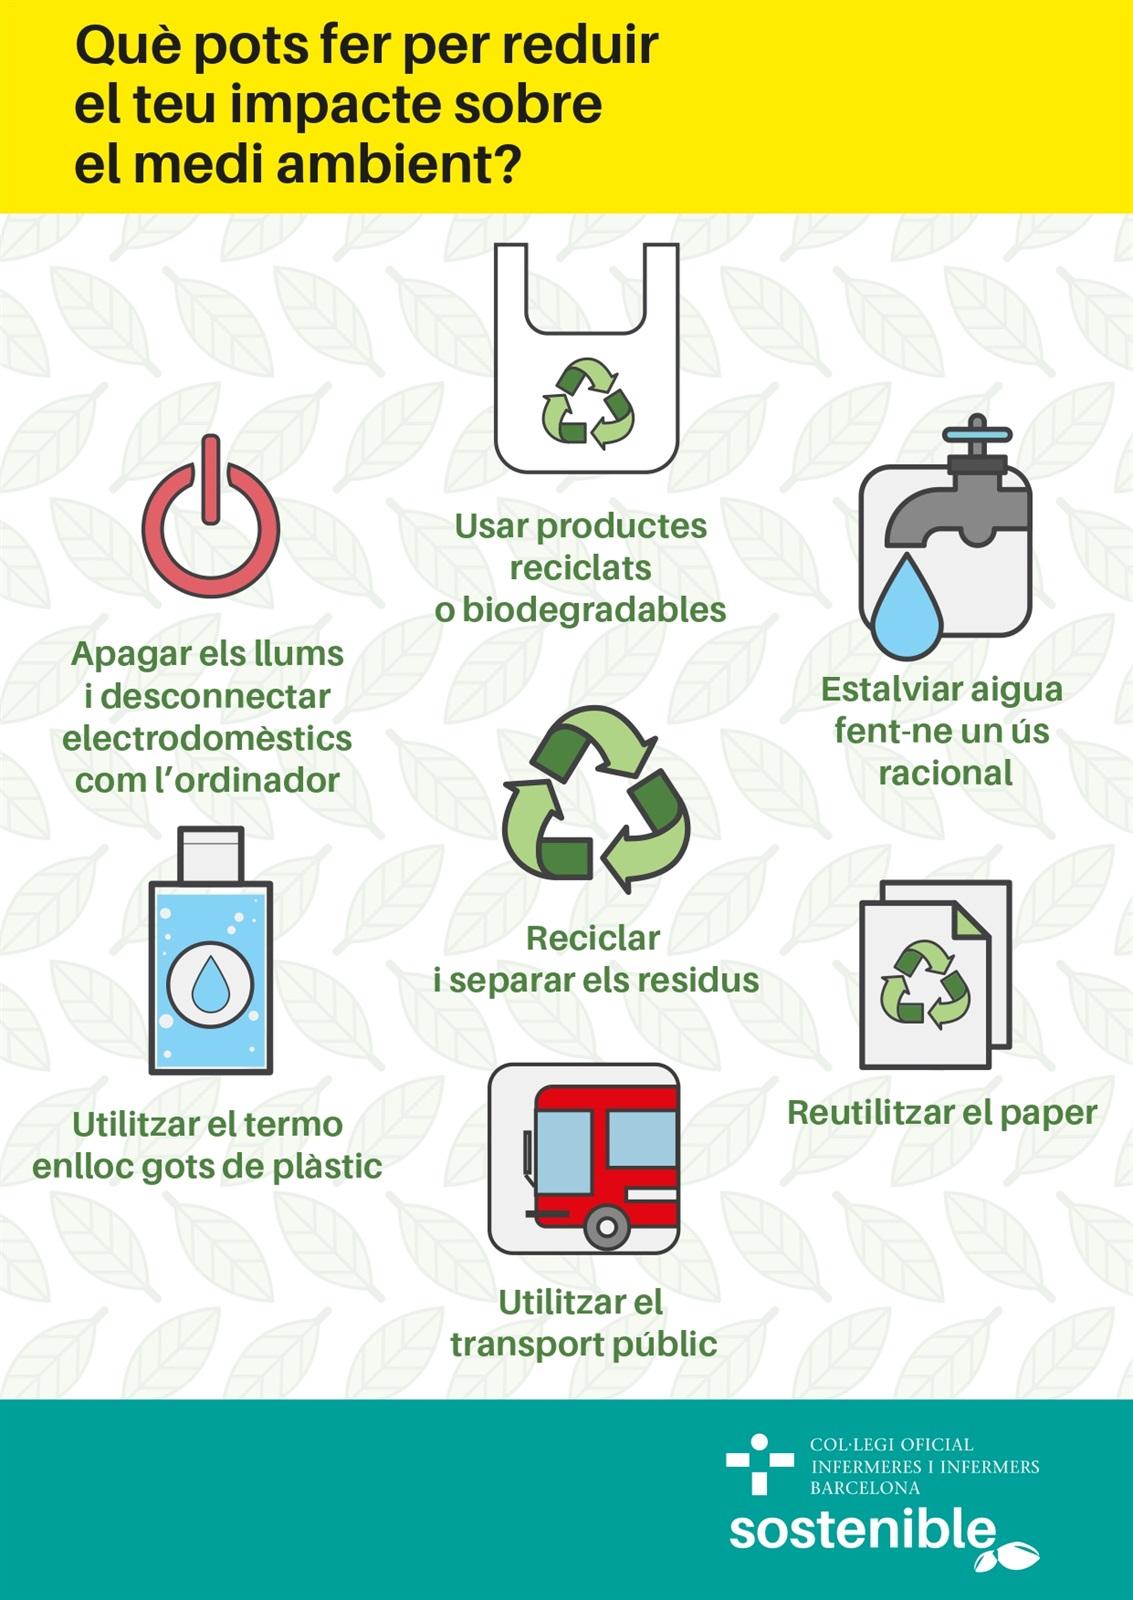 El COIB impulsa campanyes de conscienciació sobre sostenibilitat i impacte mediambiental